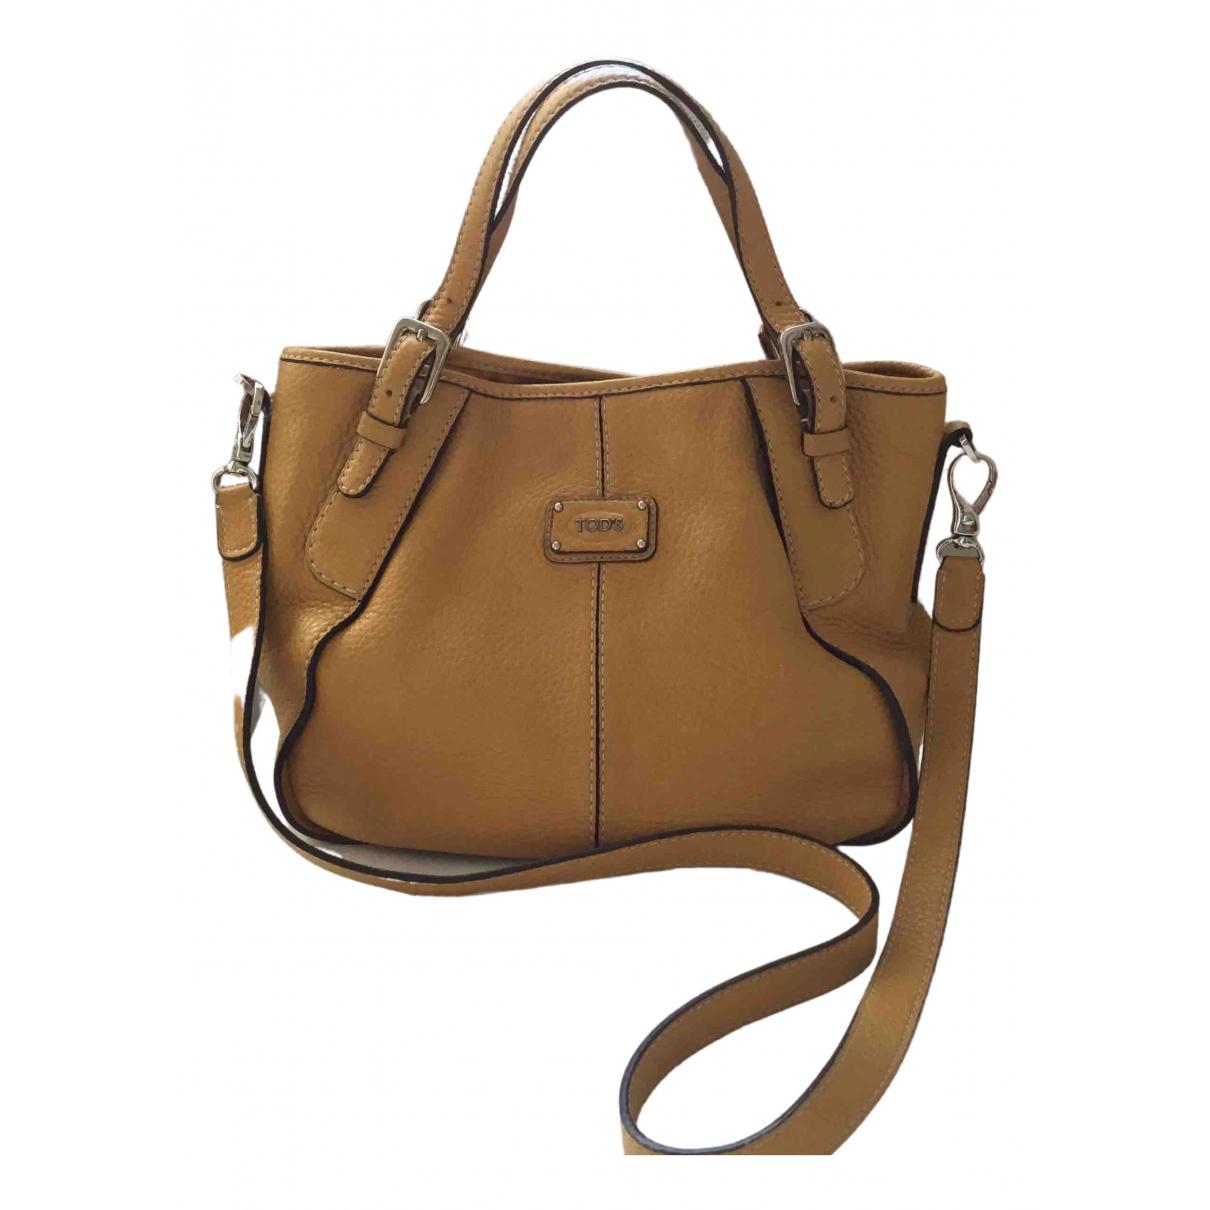 Tods N Leather handbag for Women N